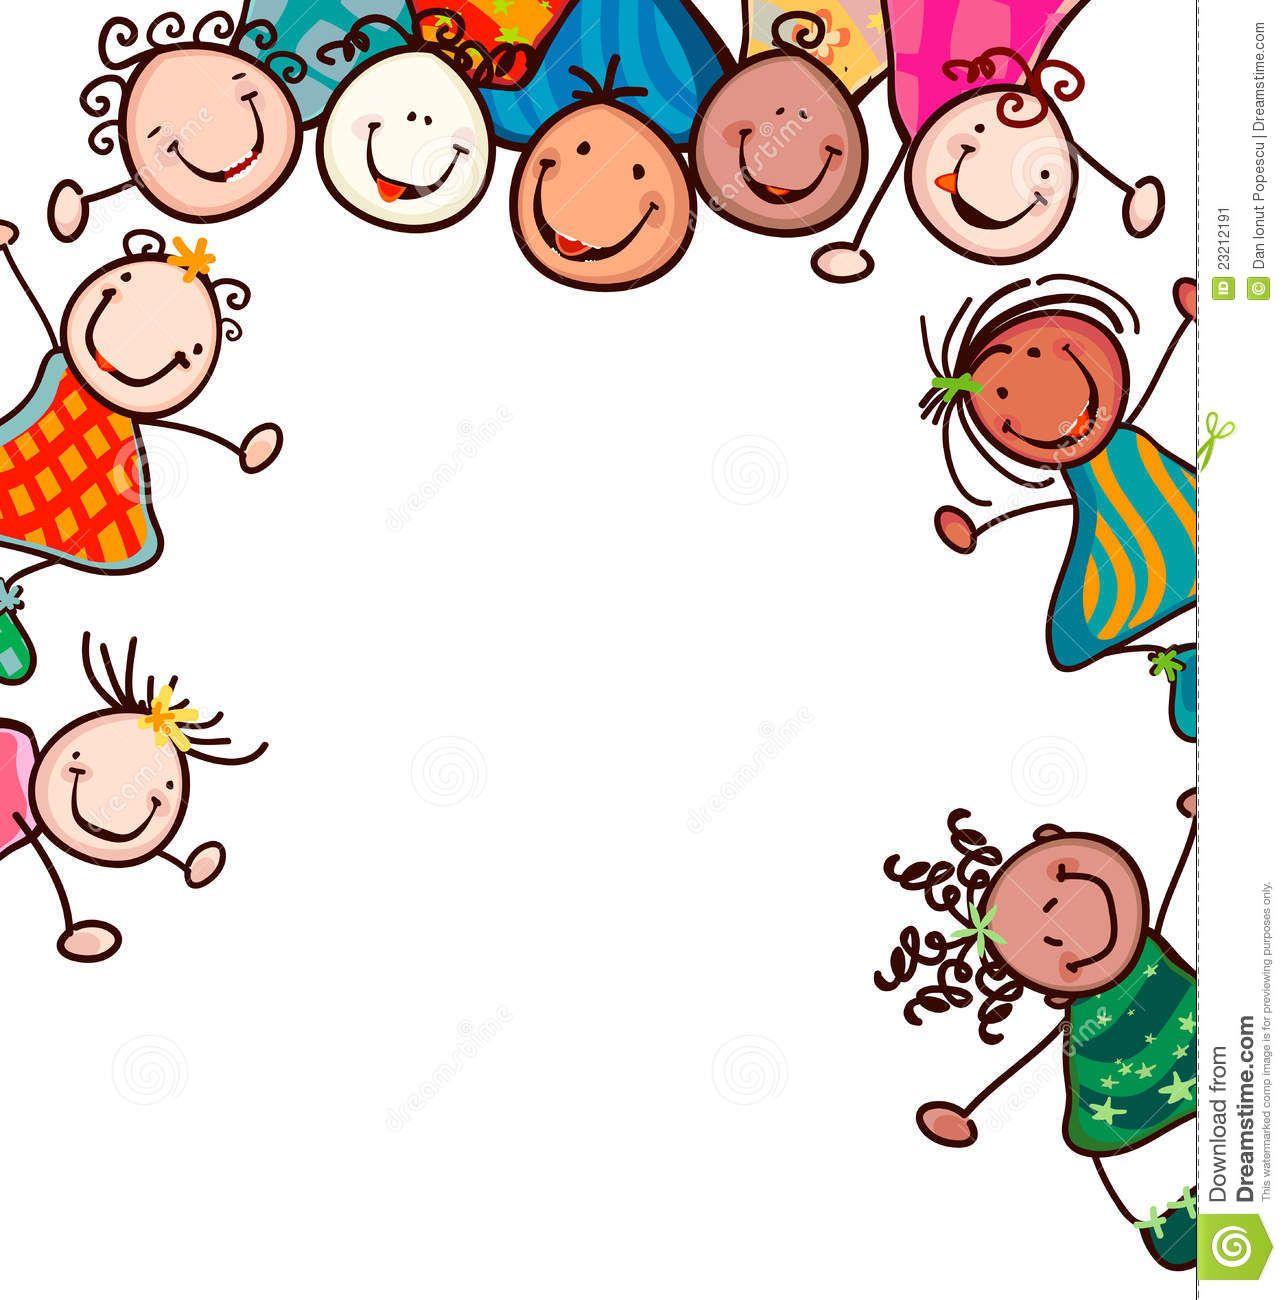 Kids Smiling Stock Image.